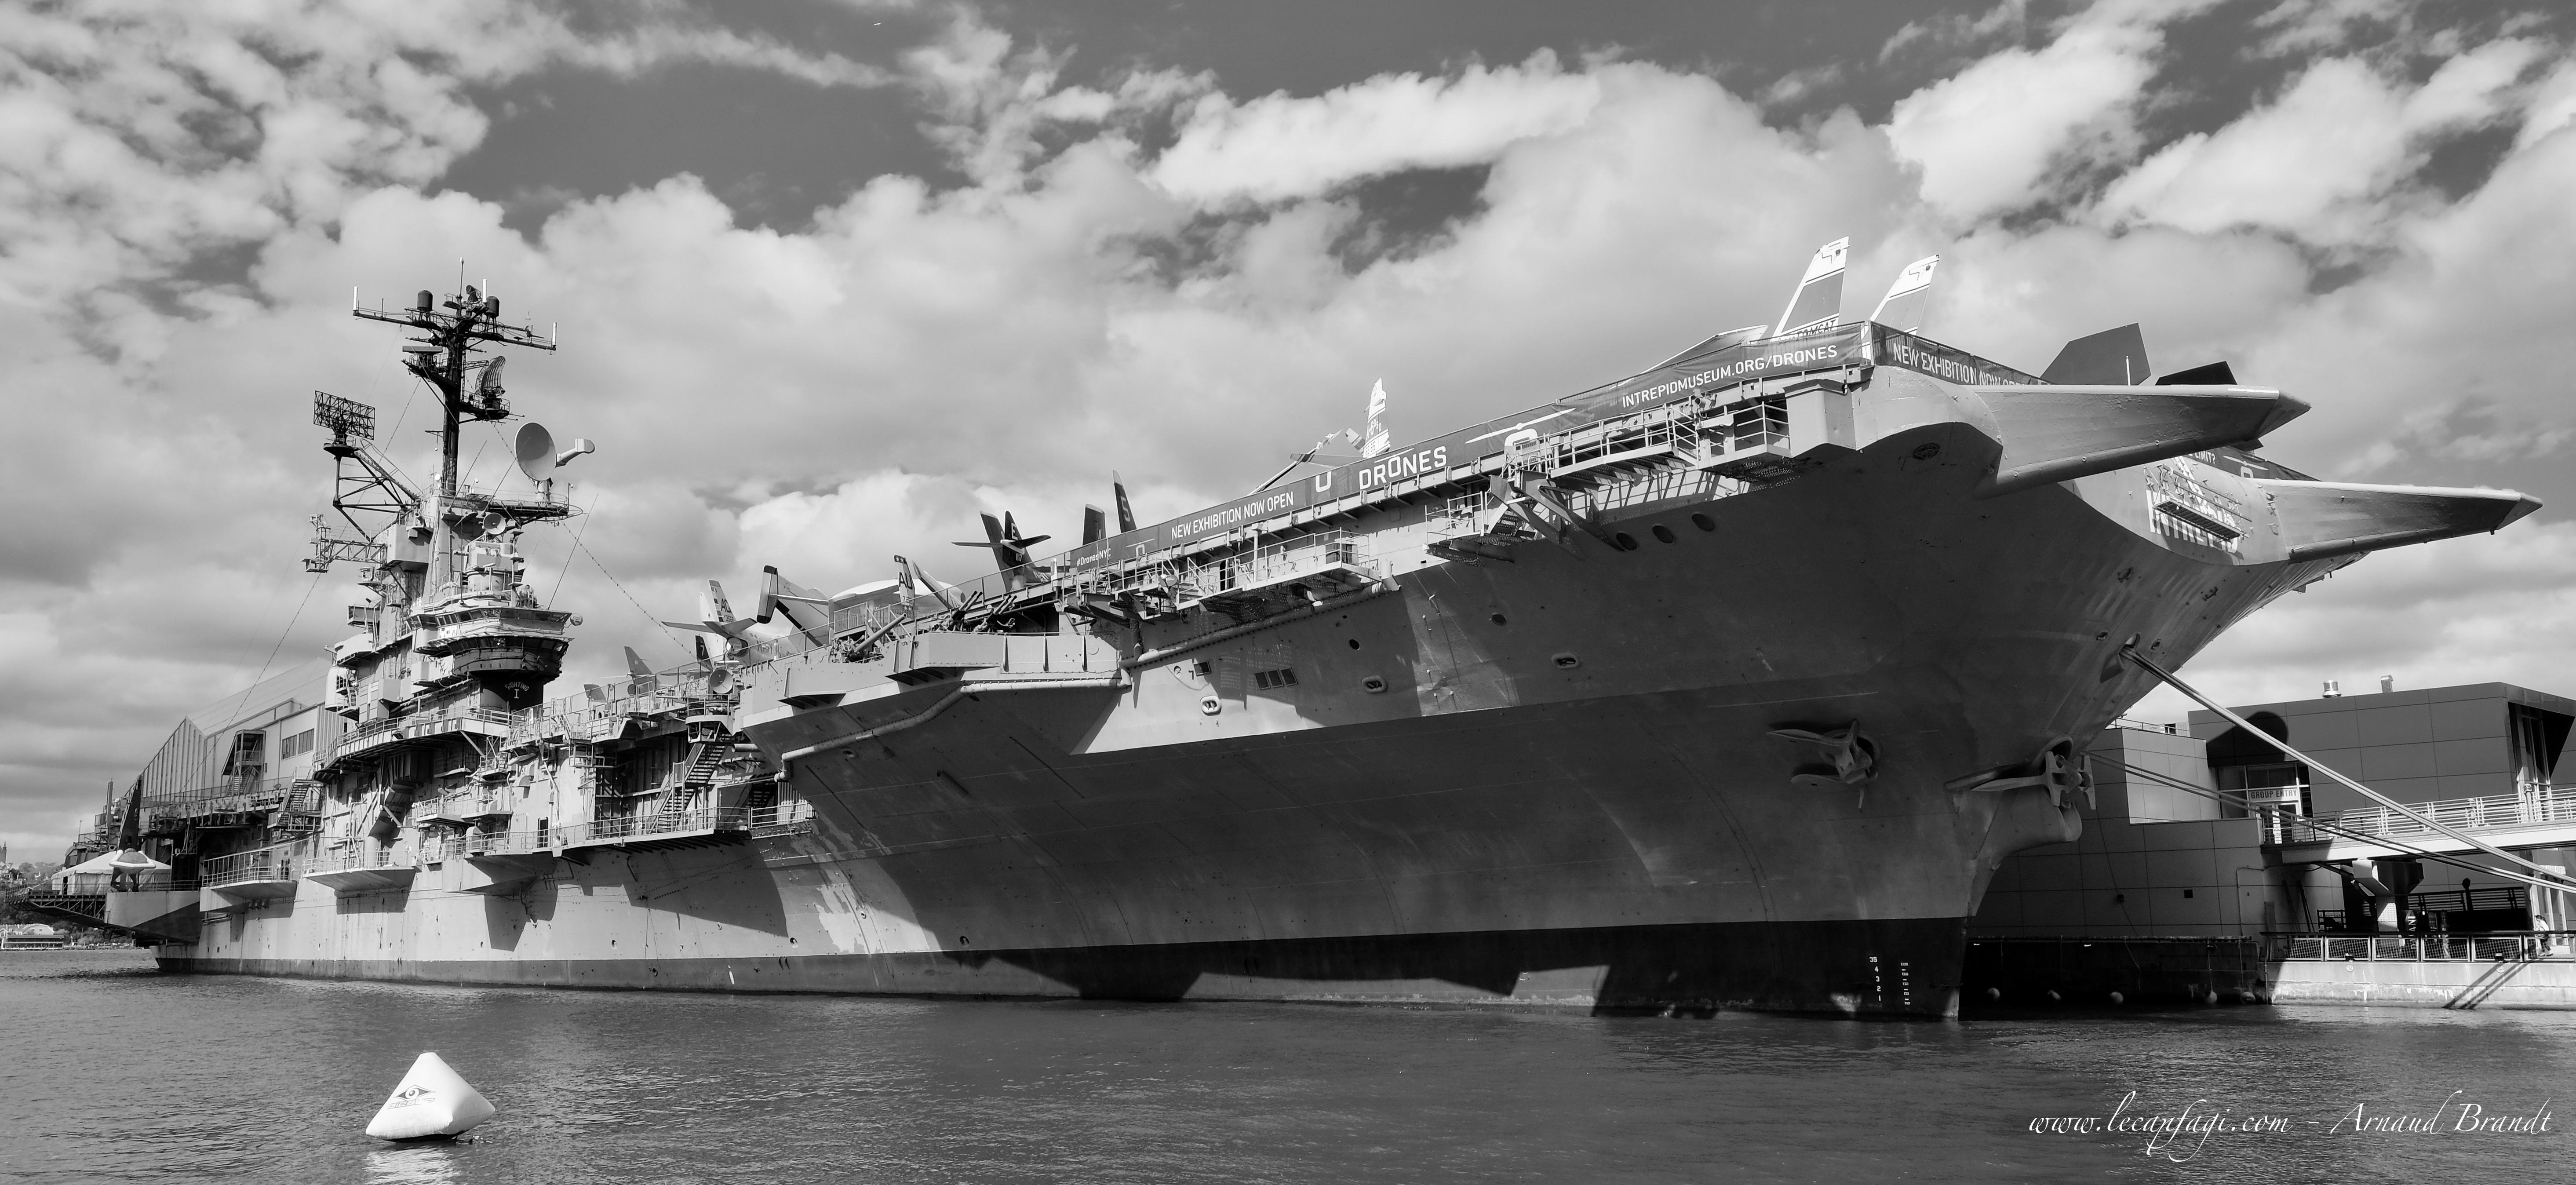 NY - USS Intrepid